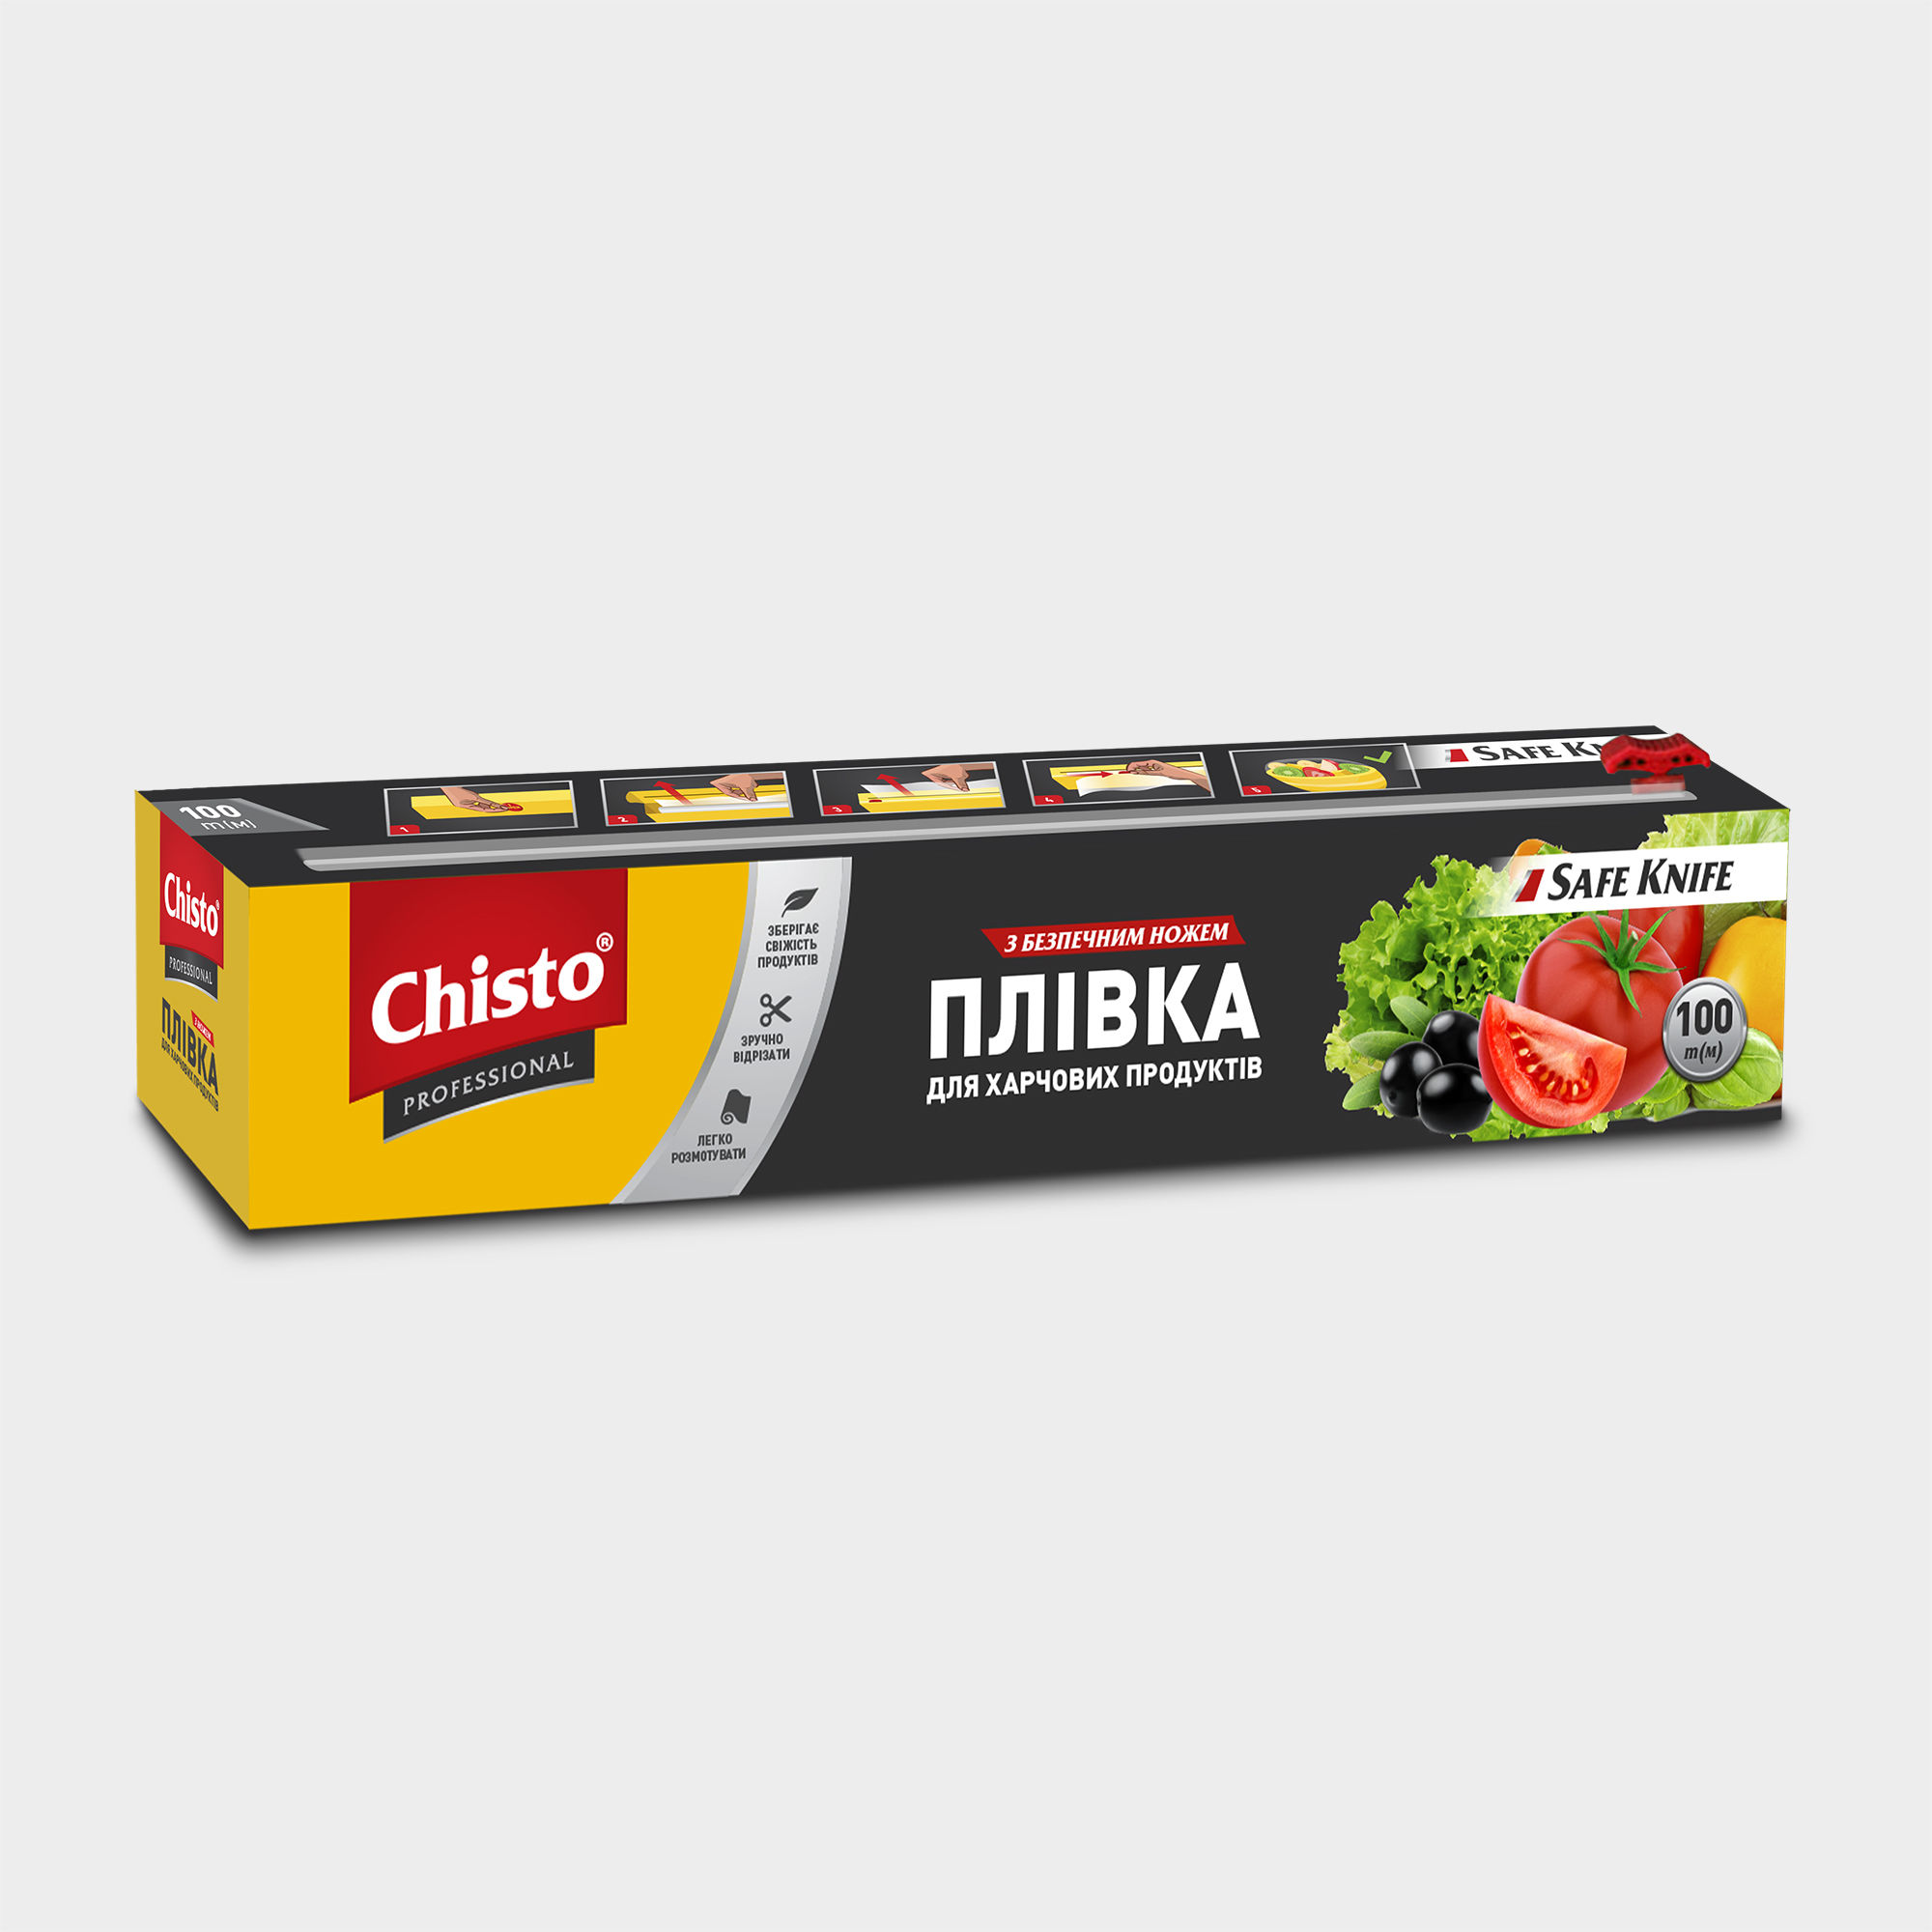 Плівка для харчових продуктів Chisto